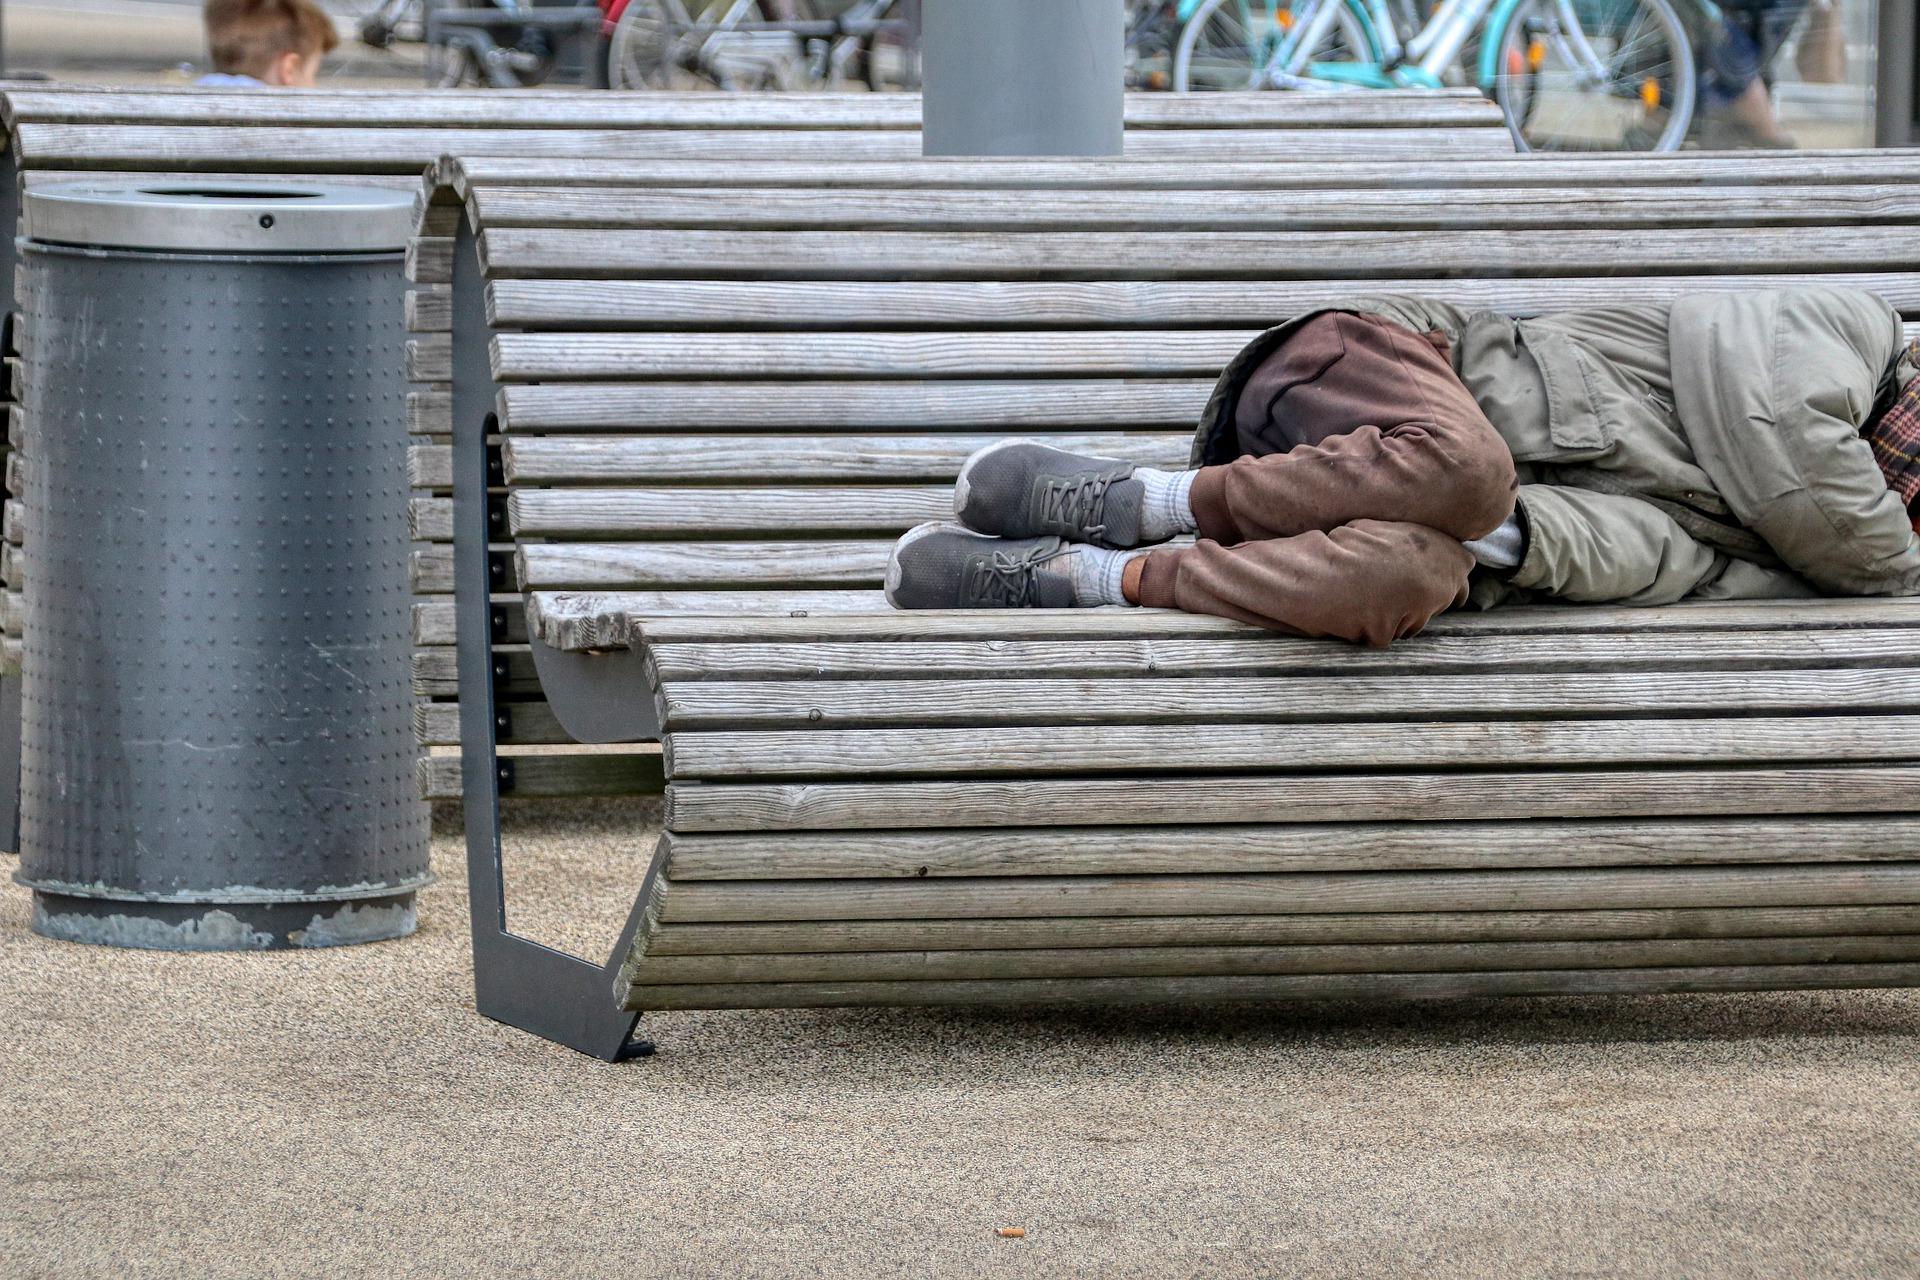 Armut und Arbeitslosigkeit